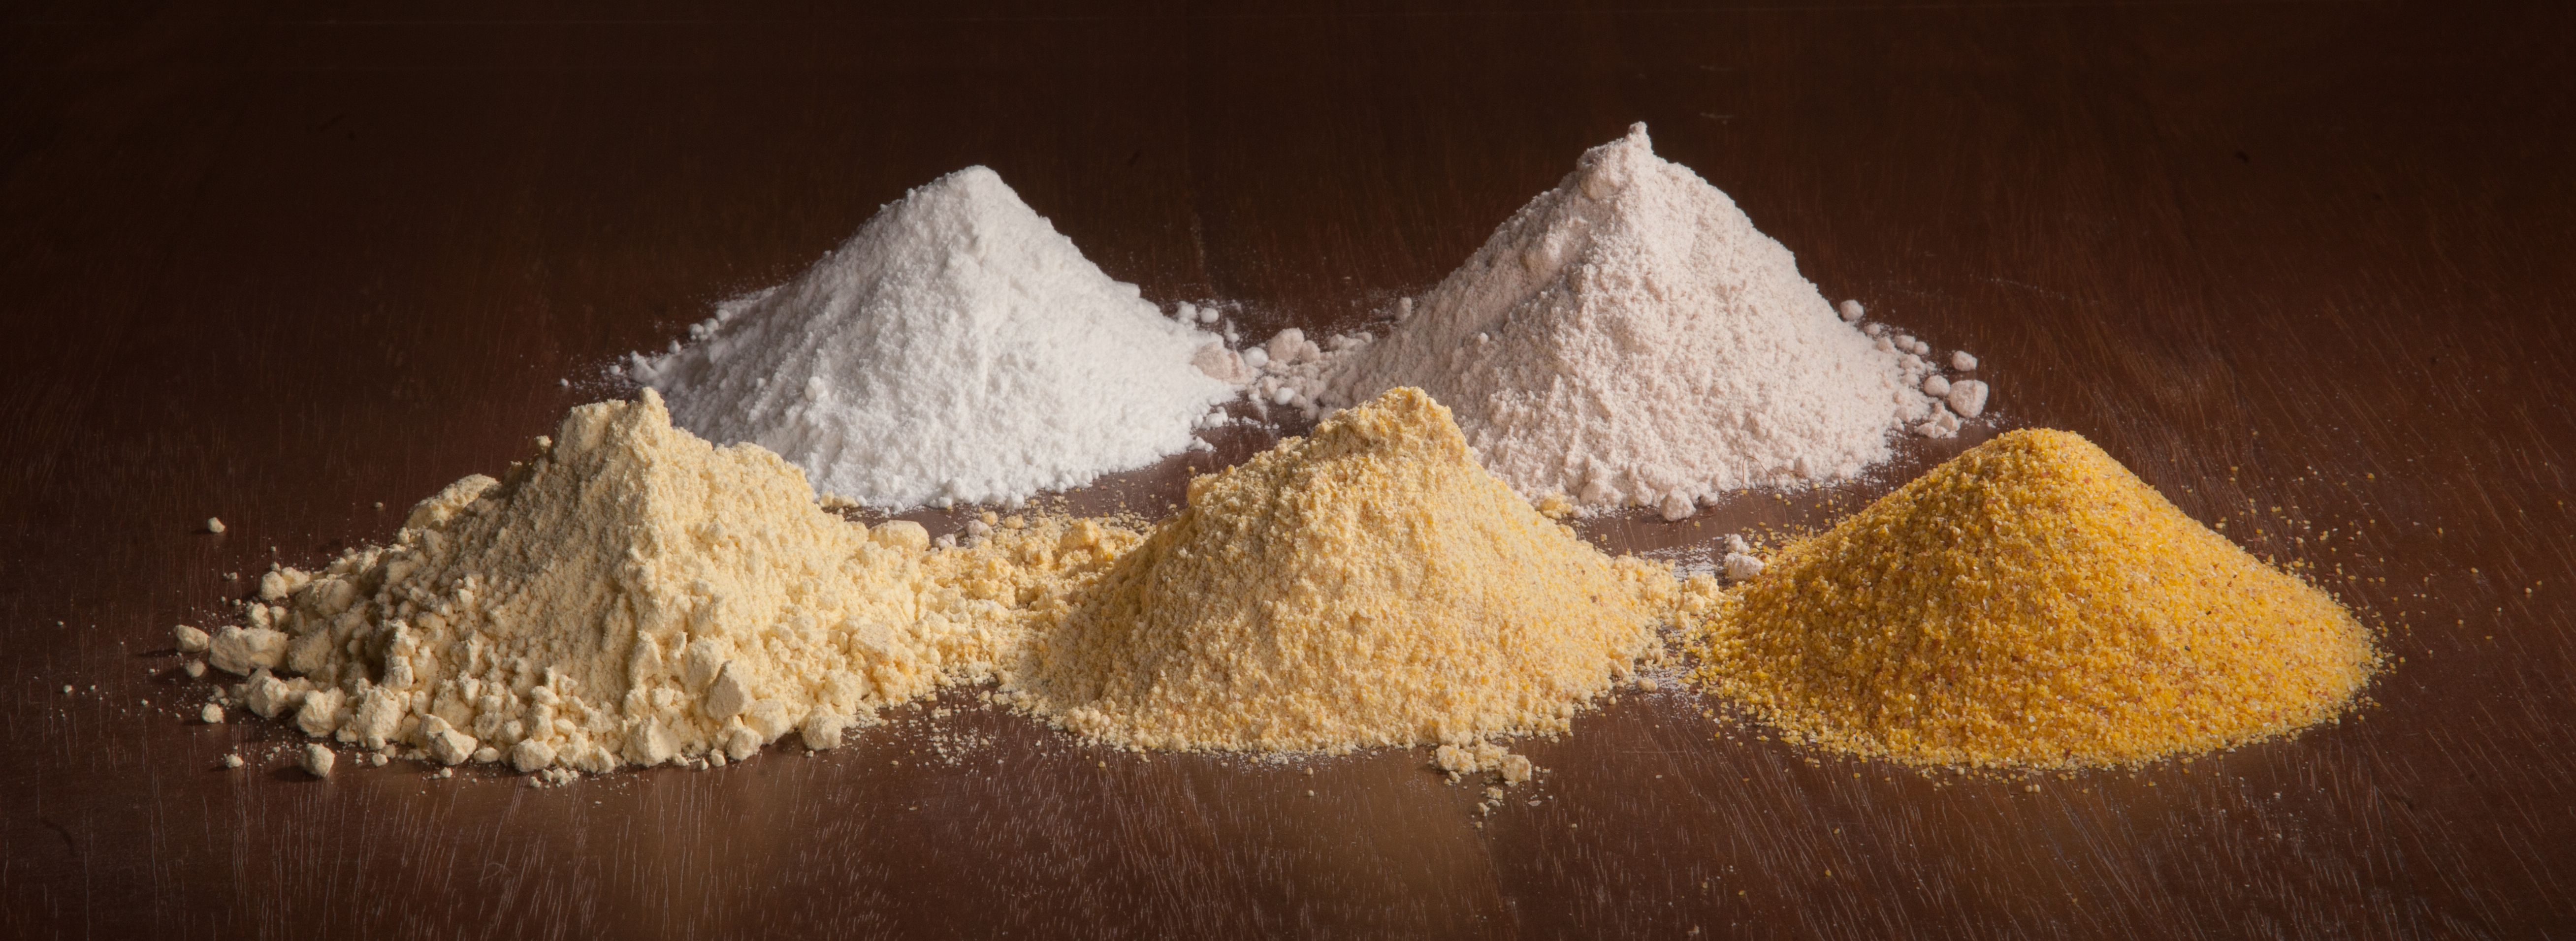 Le farine senza glutine macinate nel nostro mulino a pietra